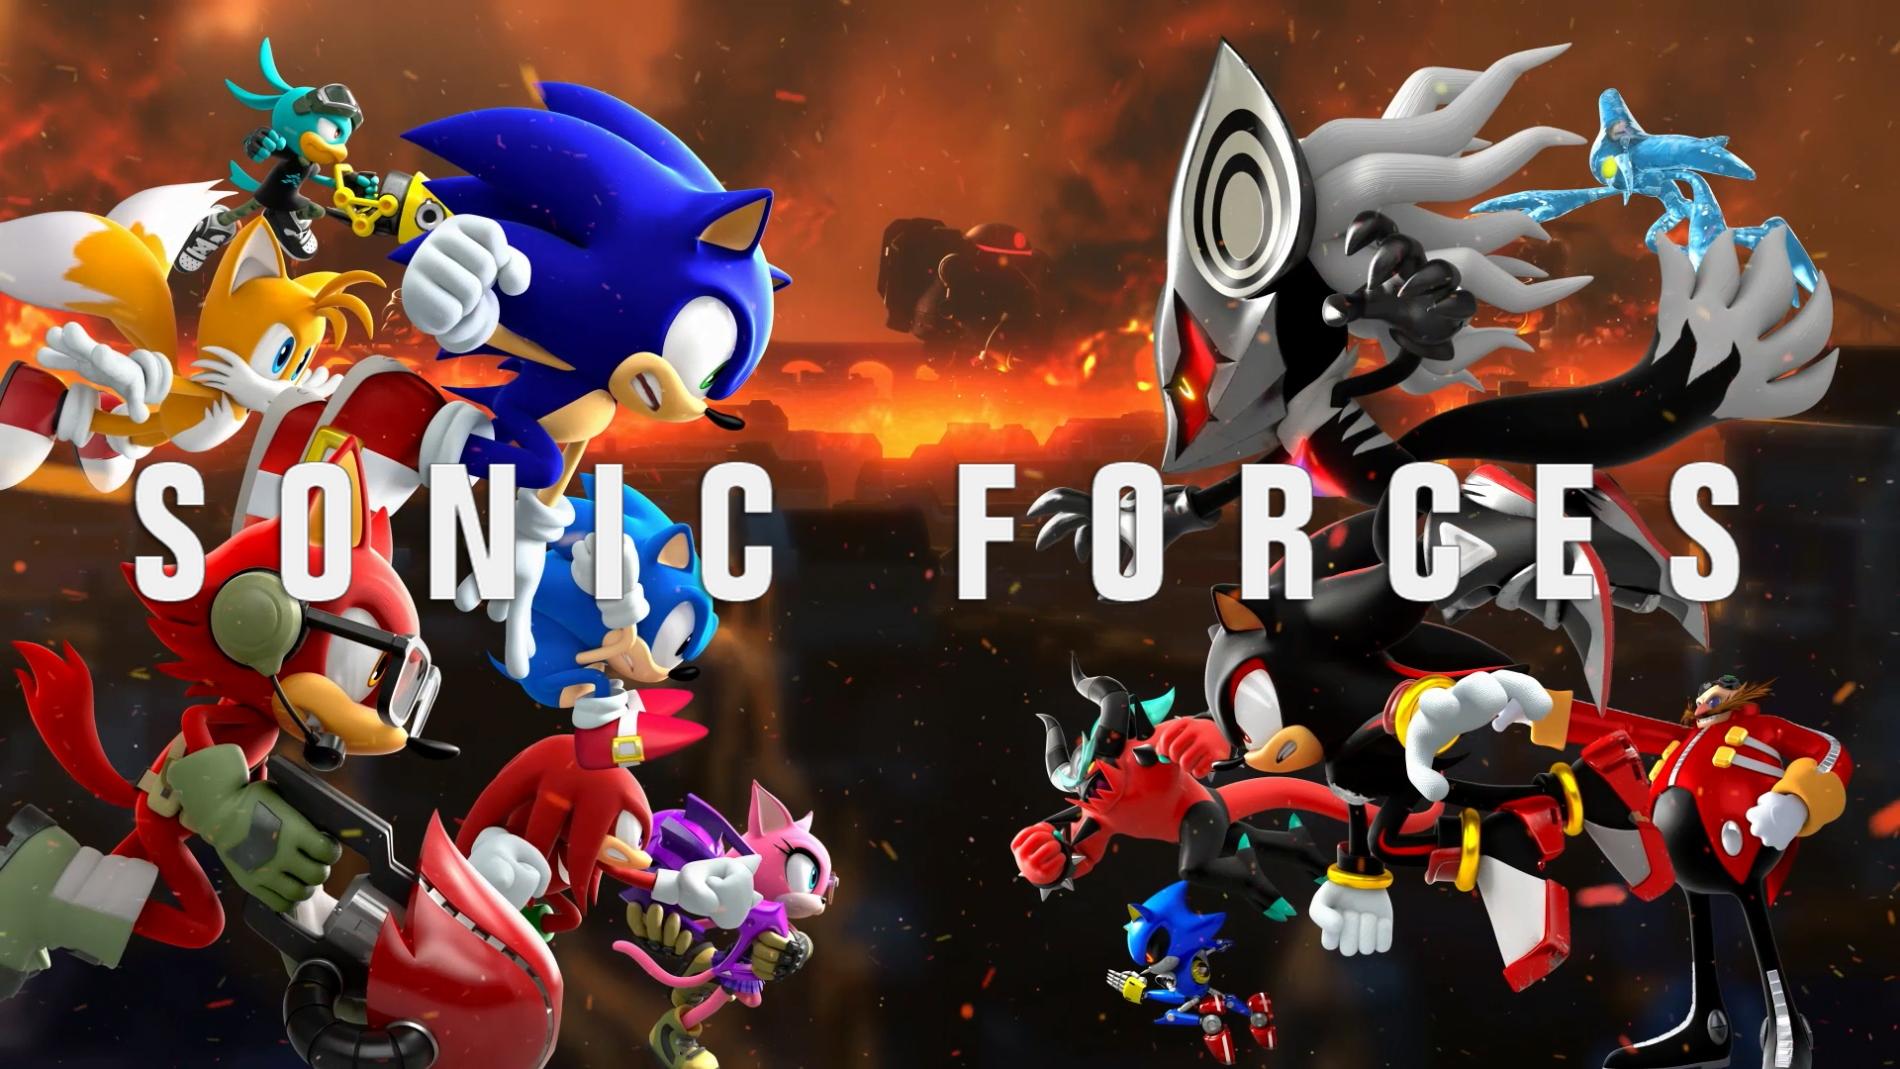 『ソニックフォース』 シリーズ完全新作が発売&DLCの配信も開始!